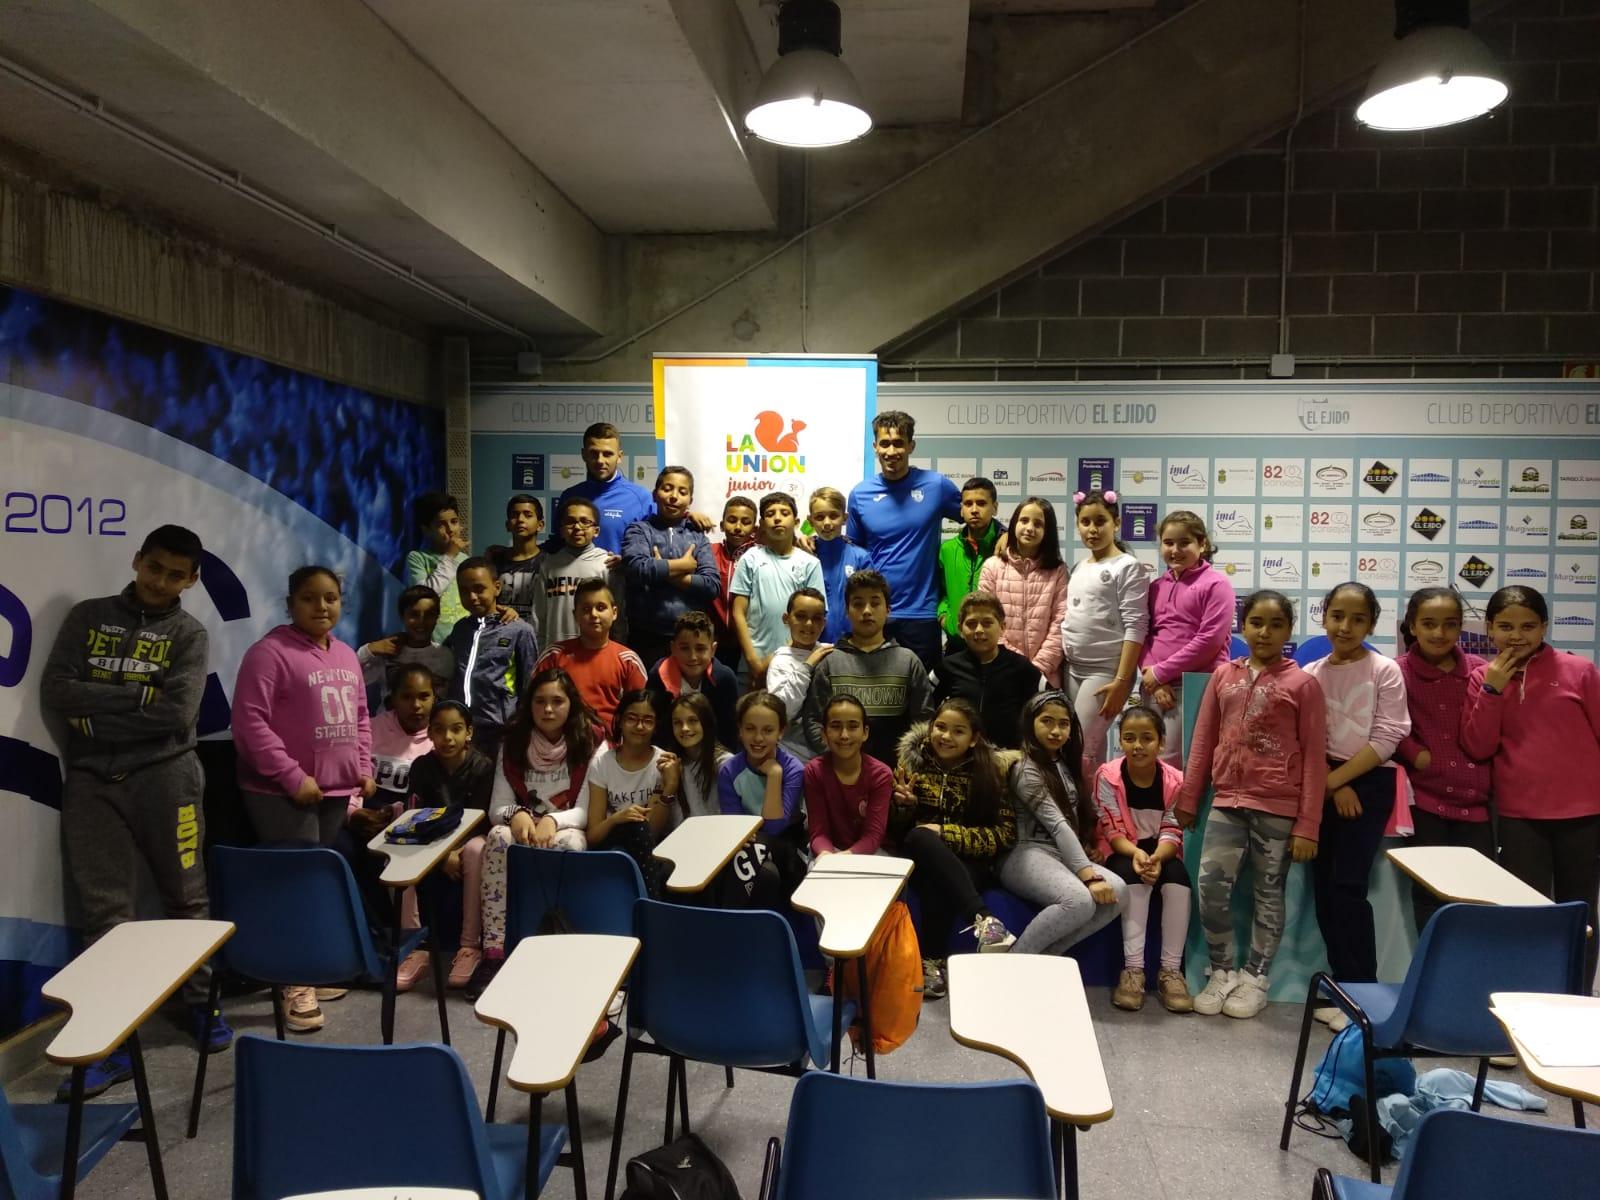 Los colegios Ciavieja, Santa María del Águila y San Agustín viven Un Día con el CD El Ejido y La Unión Junior